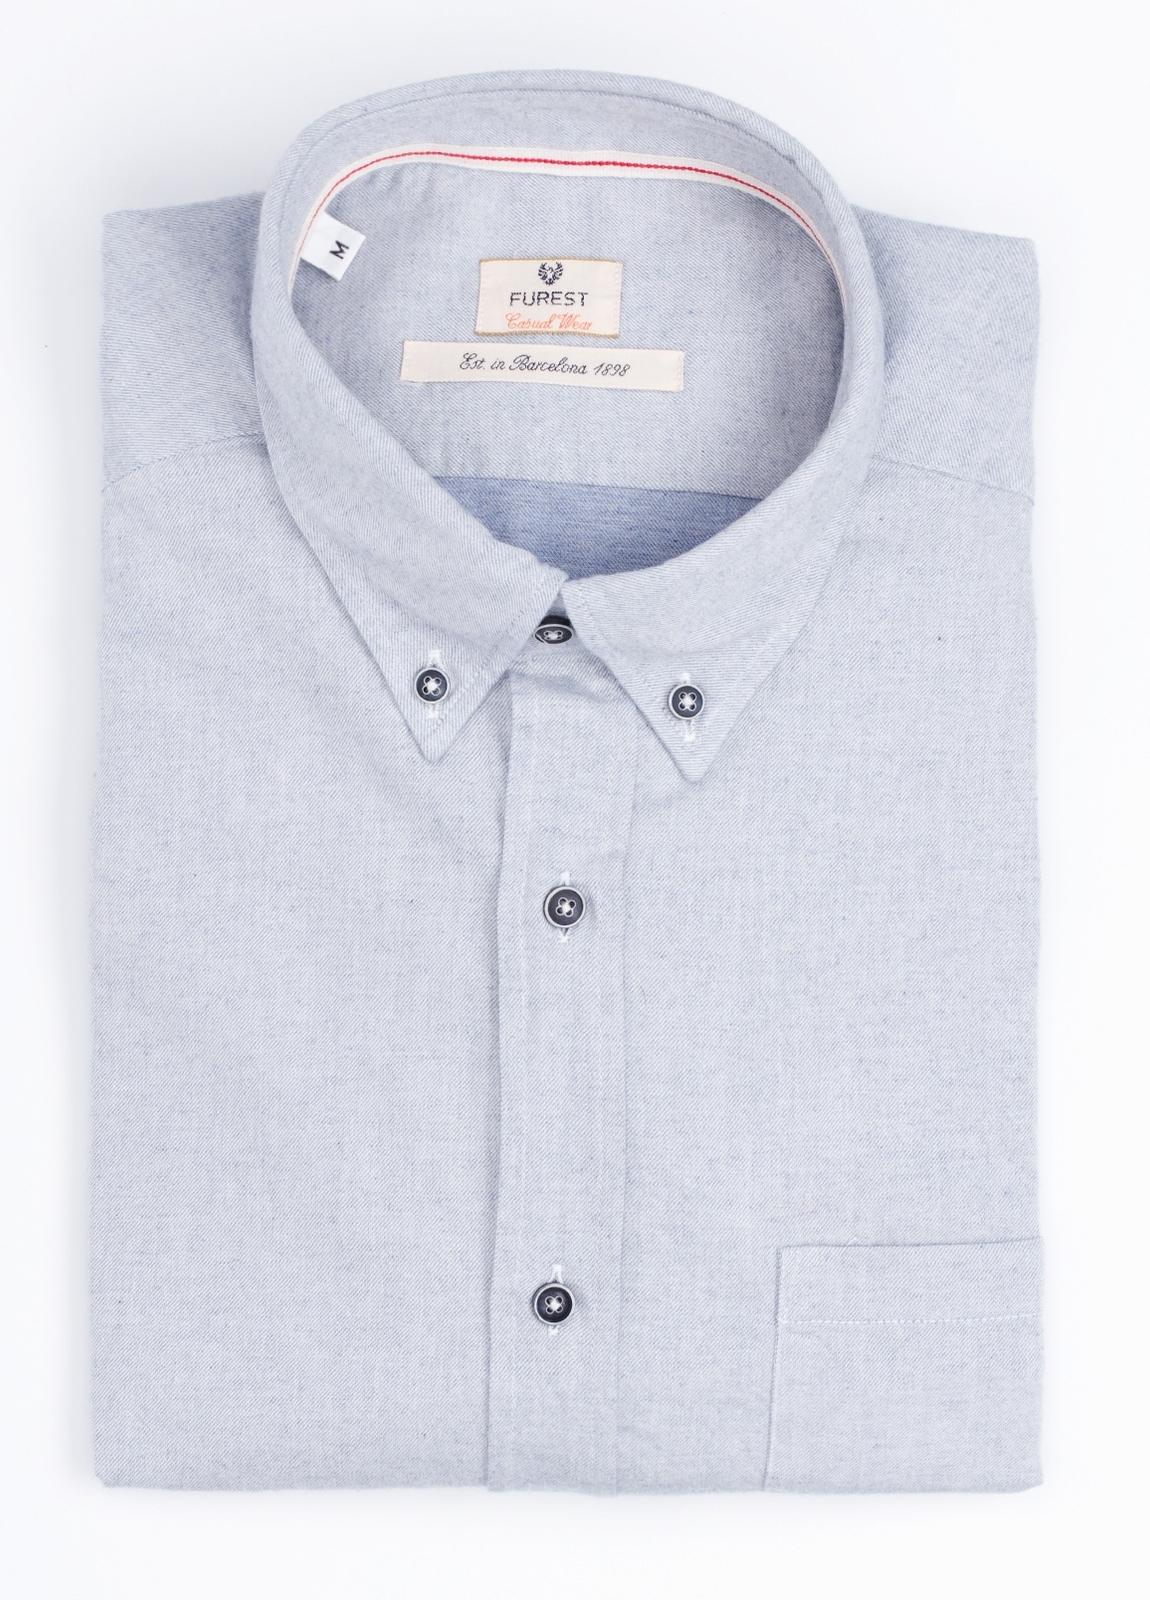 Camisa Casual Wear SLIM FIT Modelo BOTTON DOWN textura color gris con bolsillo en pecho. 100% Algodón.